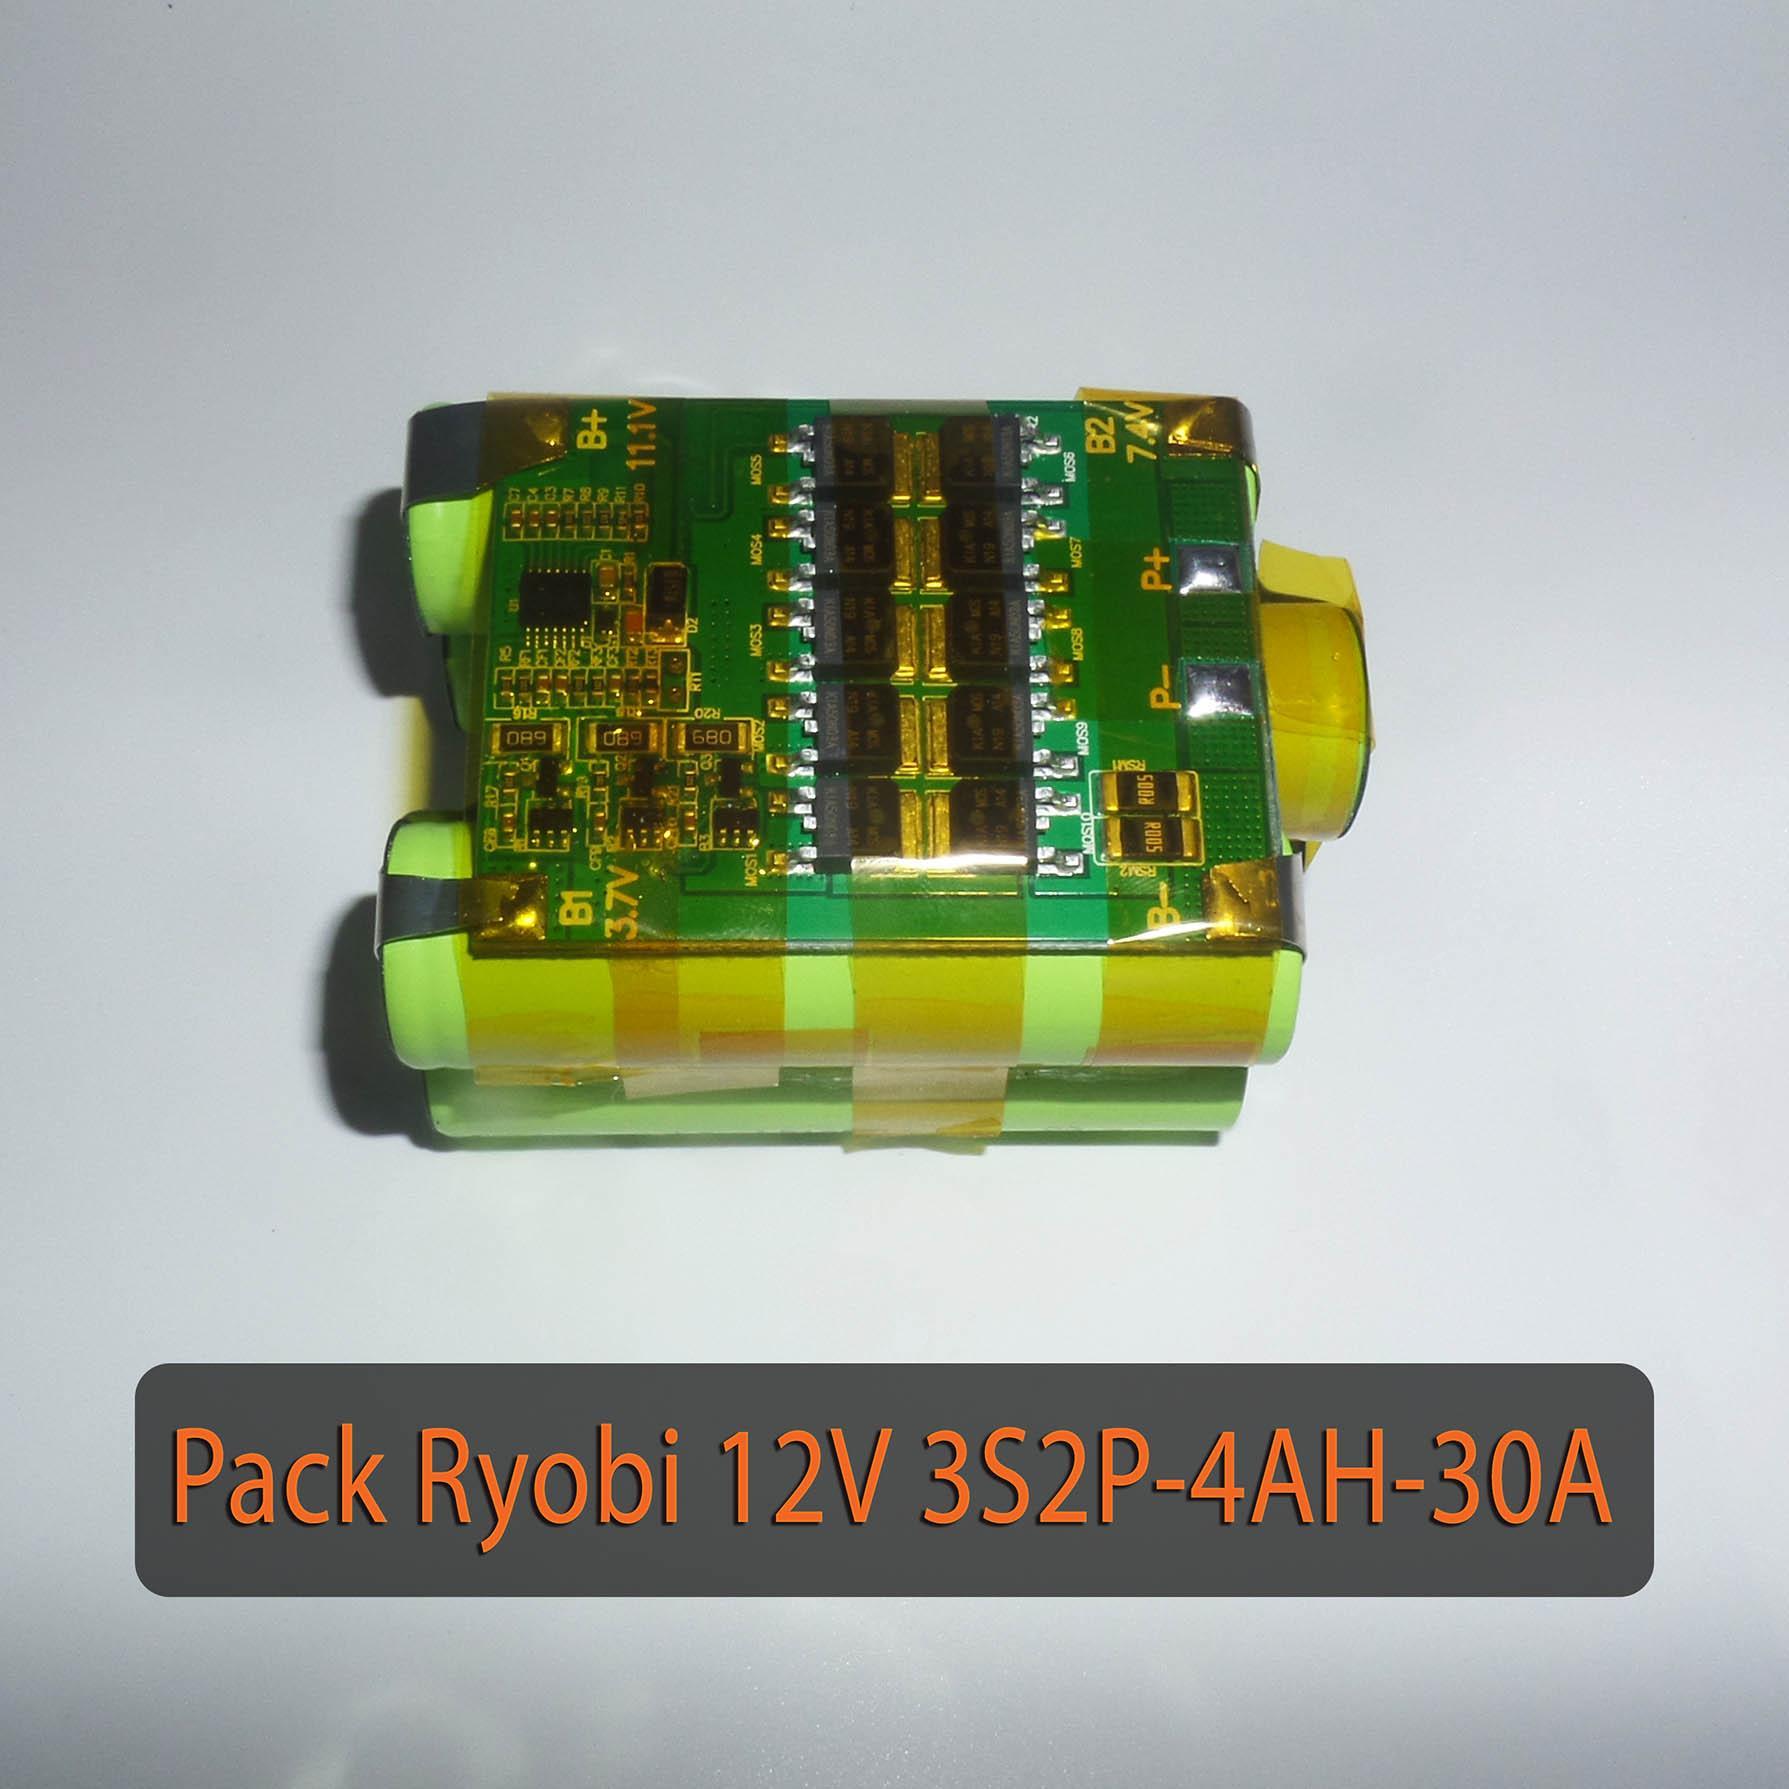 Pack PIN Ryobi 12V LiShen 3S2P - dung lượng 4AH - Dòng xả 30A - Full mạch bảo vệ và sạc cân bằng